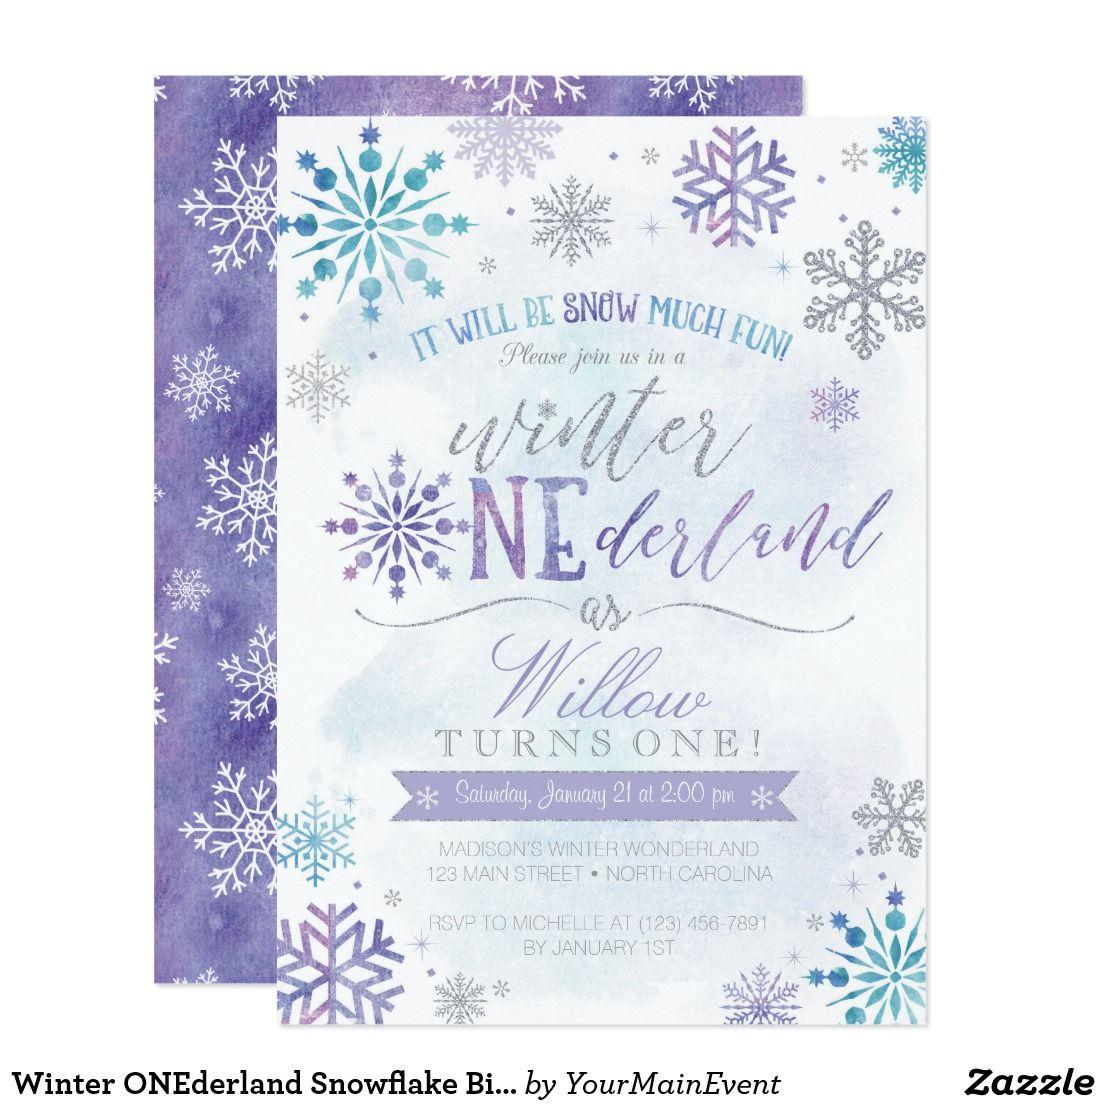 Winter Onederland Snowflake Birthday Invitation Zazzle Com Snowflake Birthday Invitations Frozen Birthday Invitations Winter Onederland Invitations